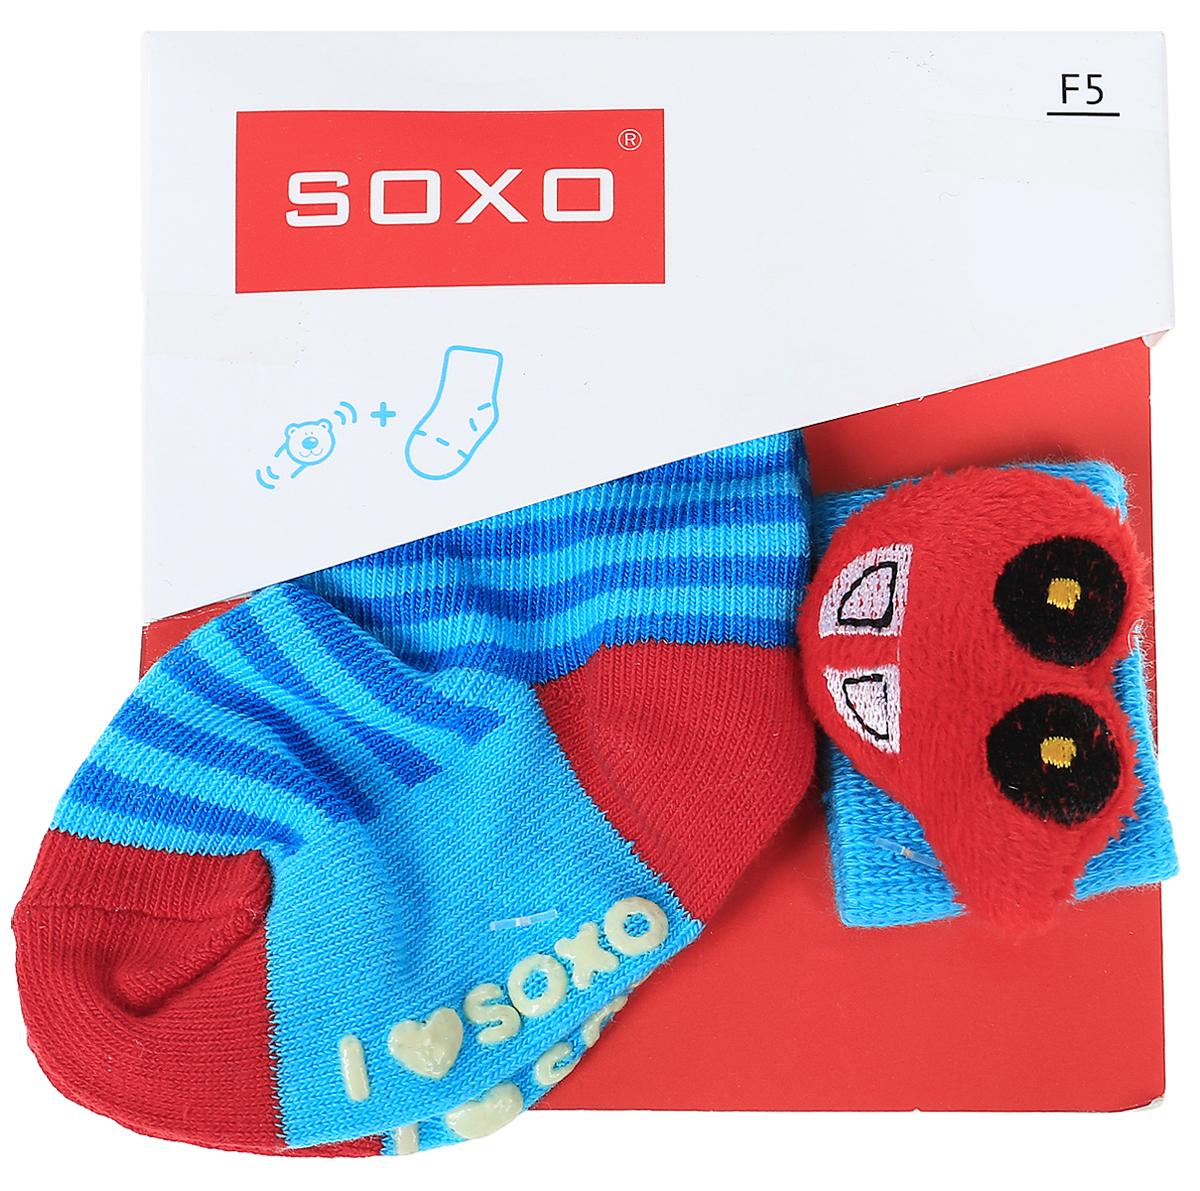 Комплект детский Soxo: носки и повязка на руку, цвет: голубой, красный. 68671. Размер 16/1868671